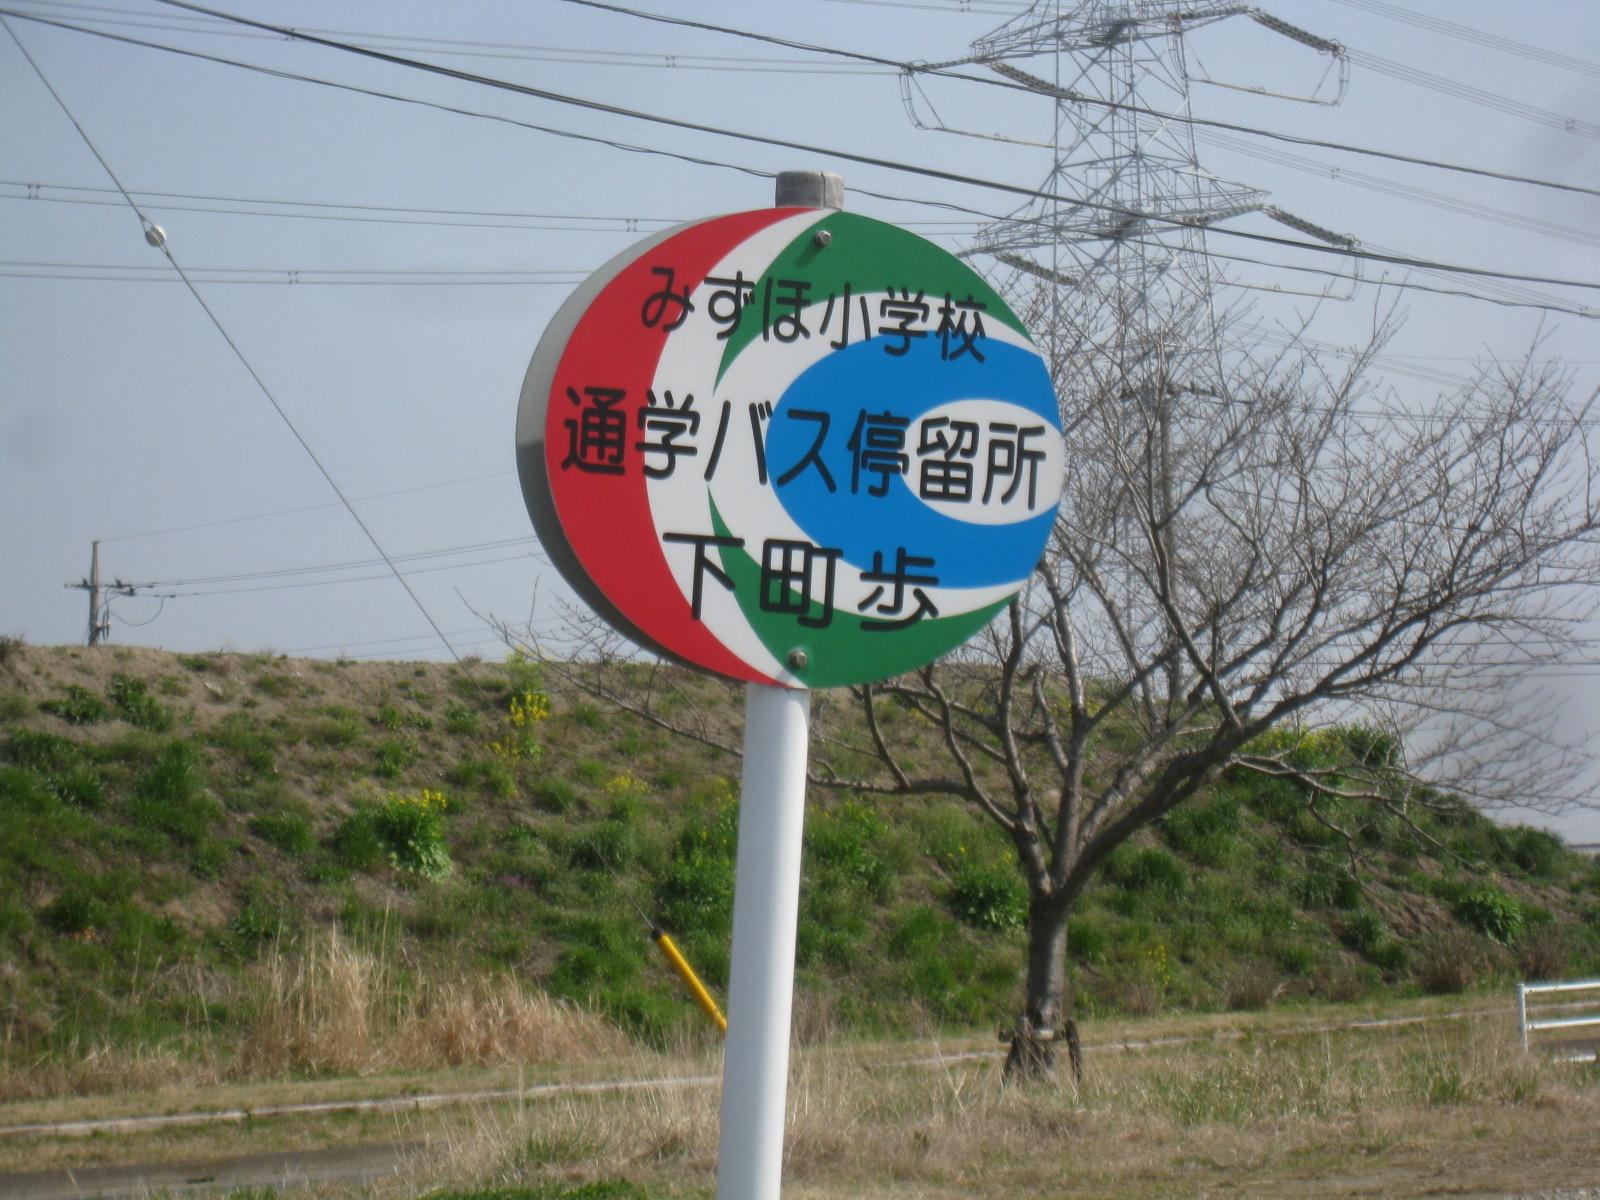 茨城県竜ケ崎市にある「下田歩」。